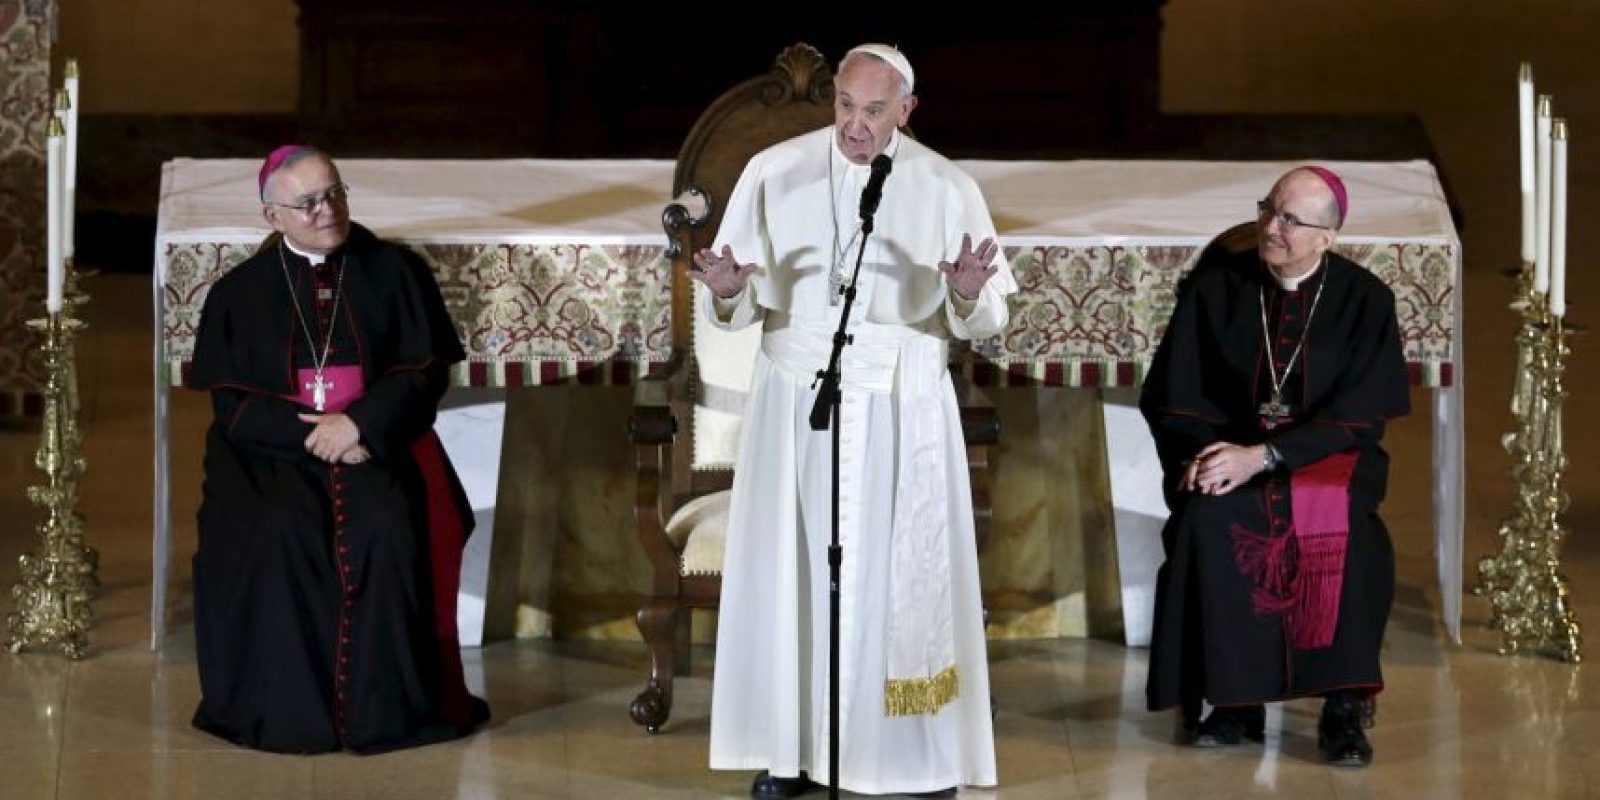 El pontífice se reunió con obispos estadounidenses para hablar sobre la problemática de abuso sexual. Foto:AP